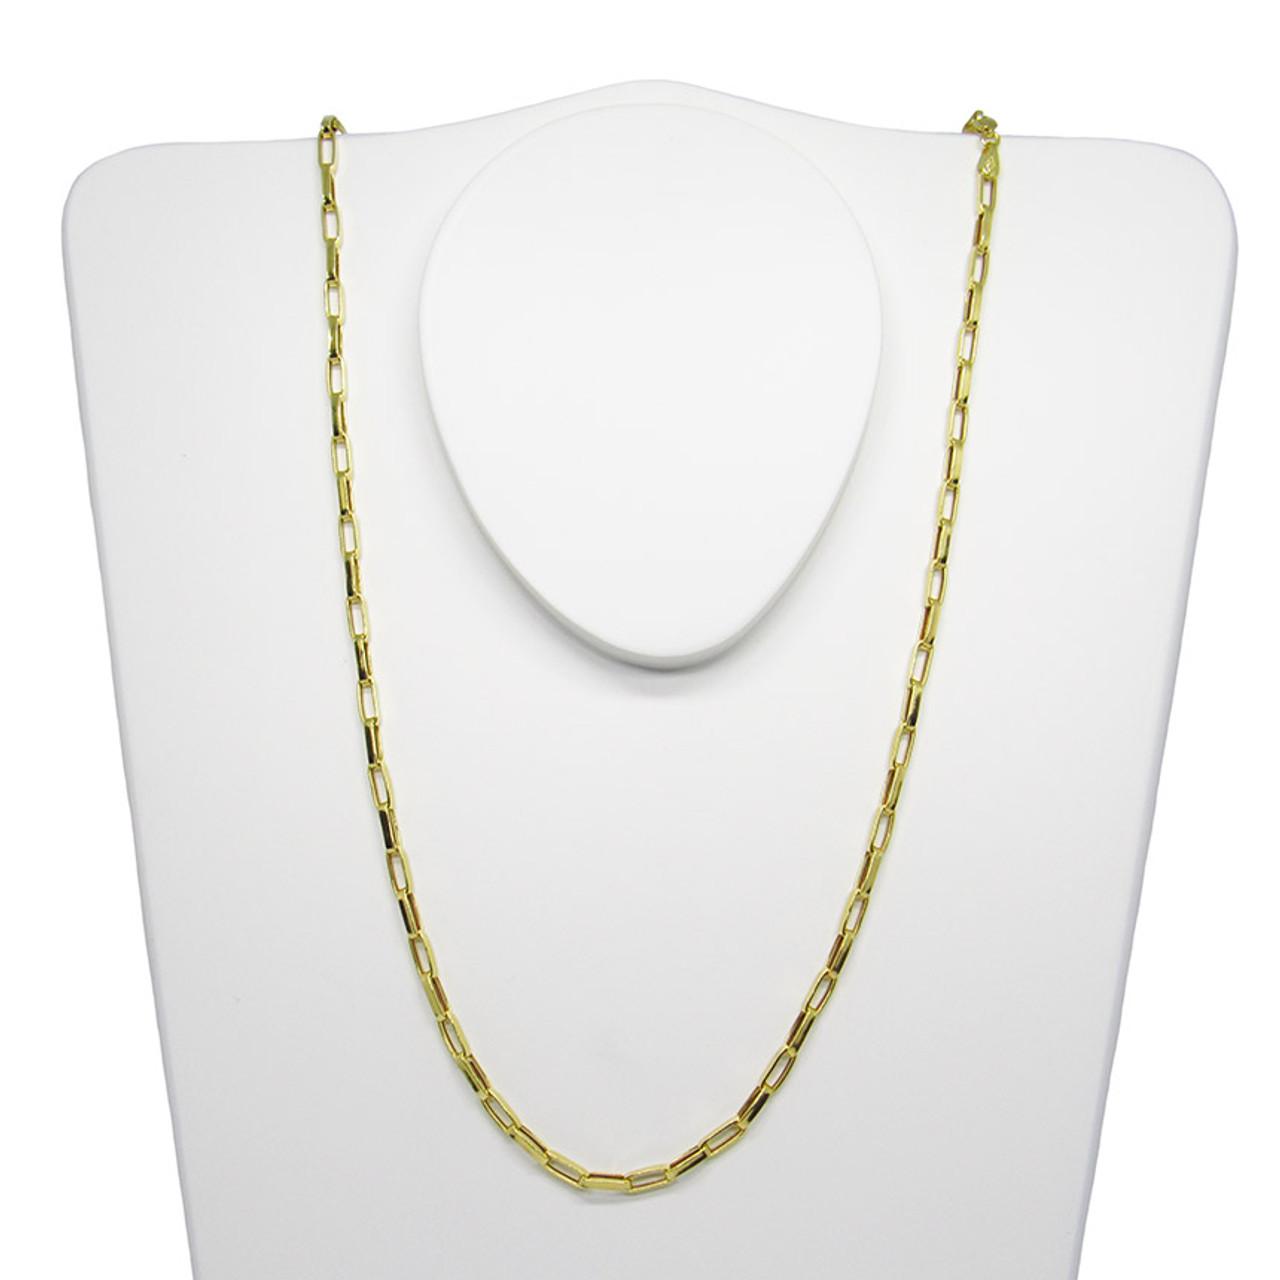 abf77c9eb6cff Corrente de ouro 18k cartier alongada 2.85mm com 70cm (CJCO-00000720)